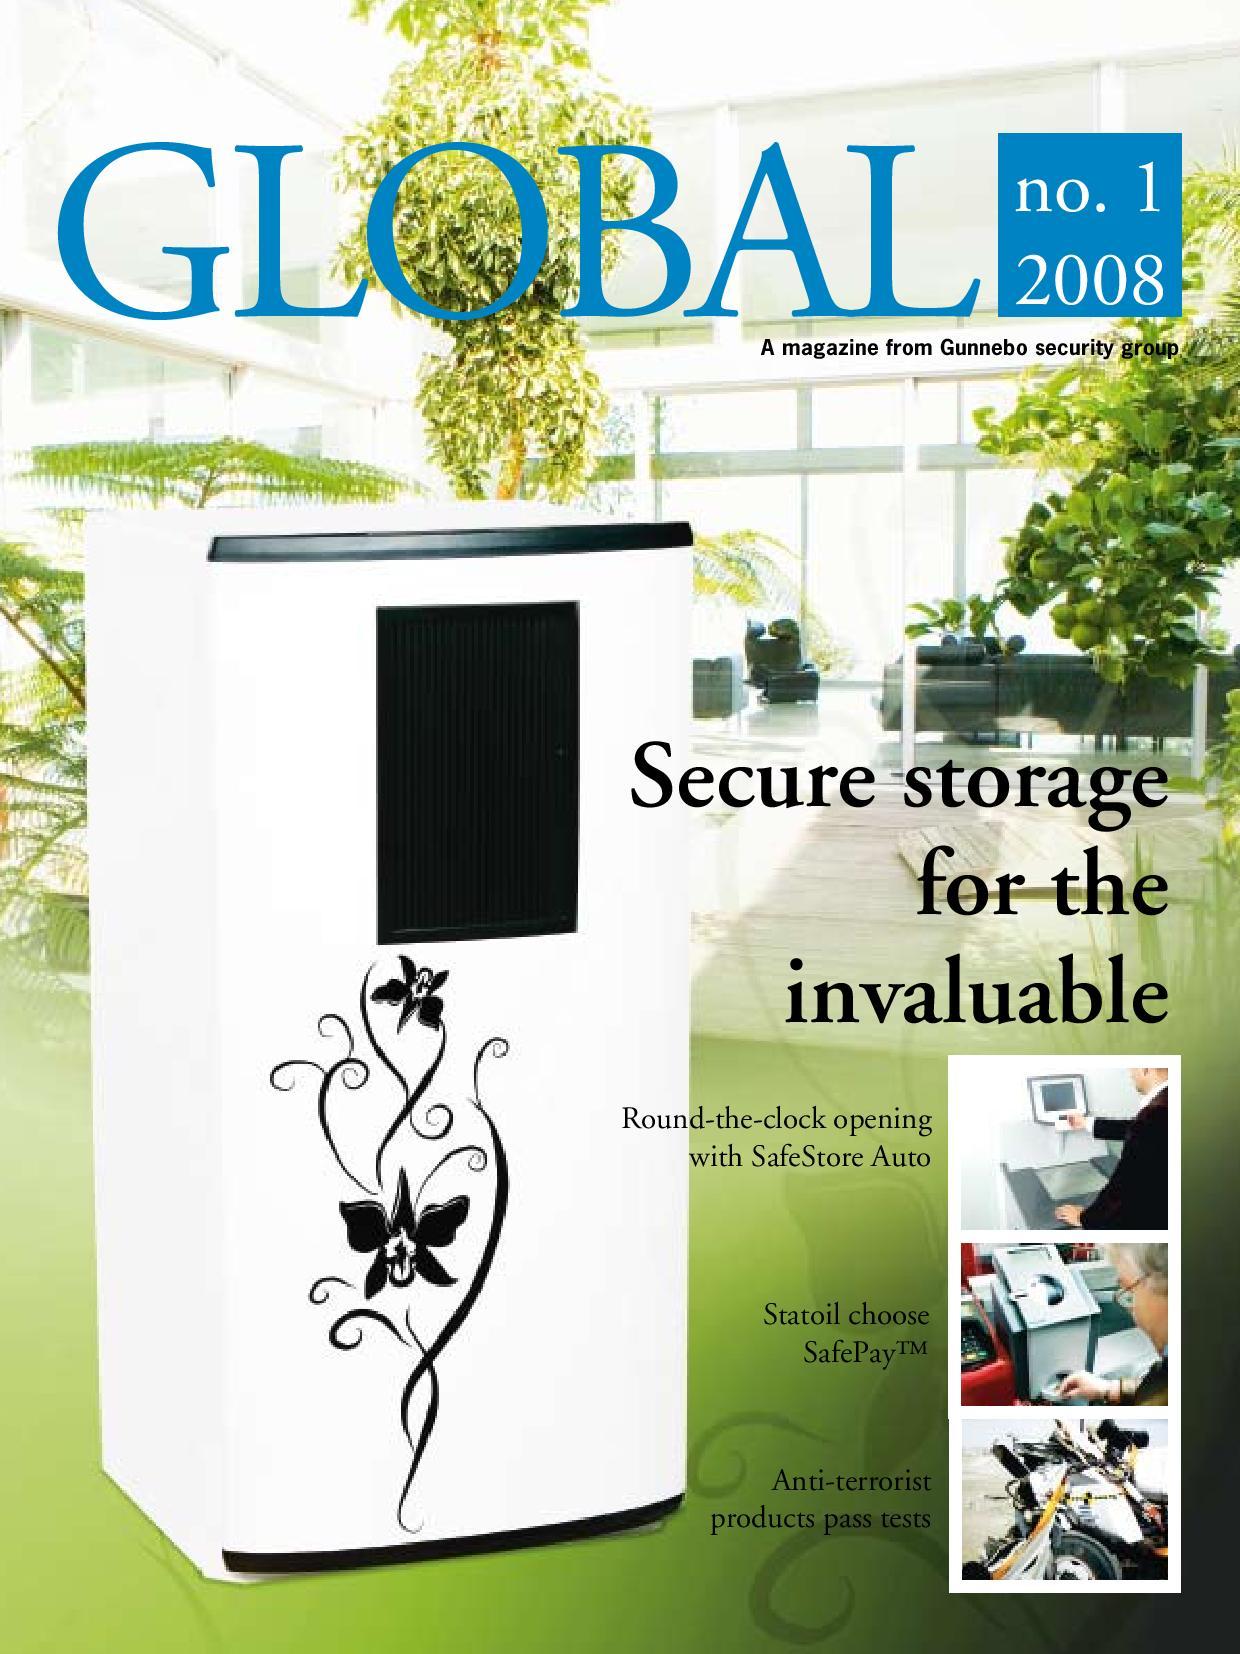 Global-2008-01-GB